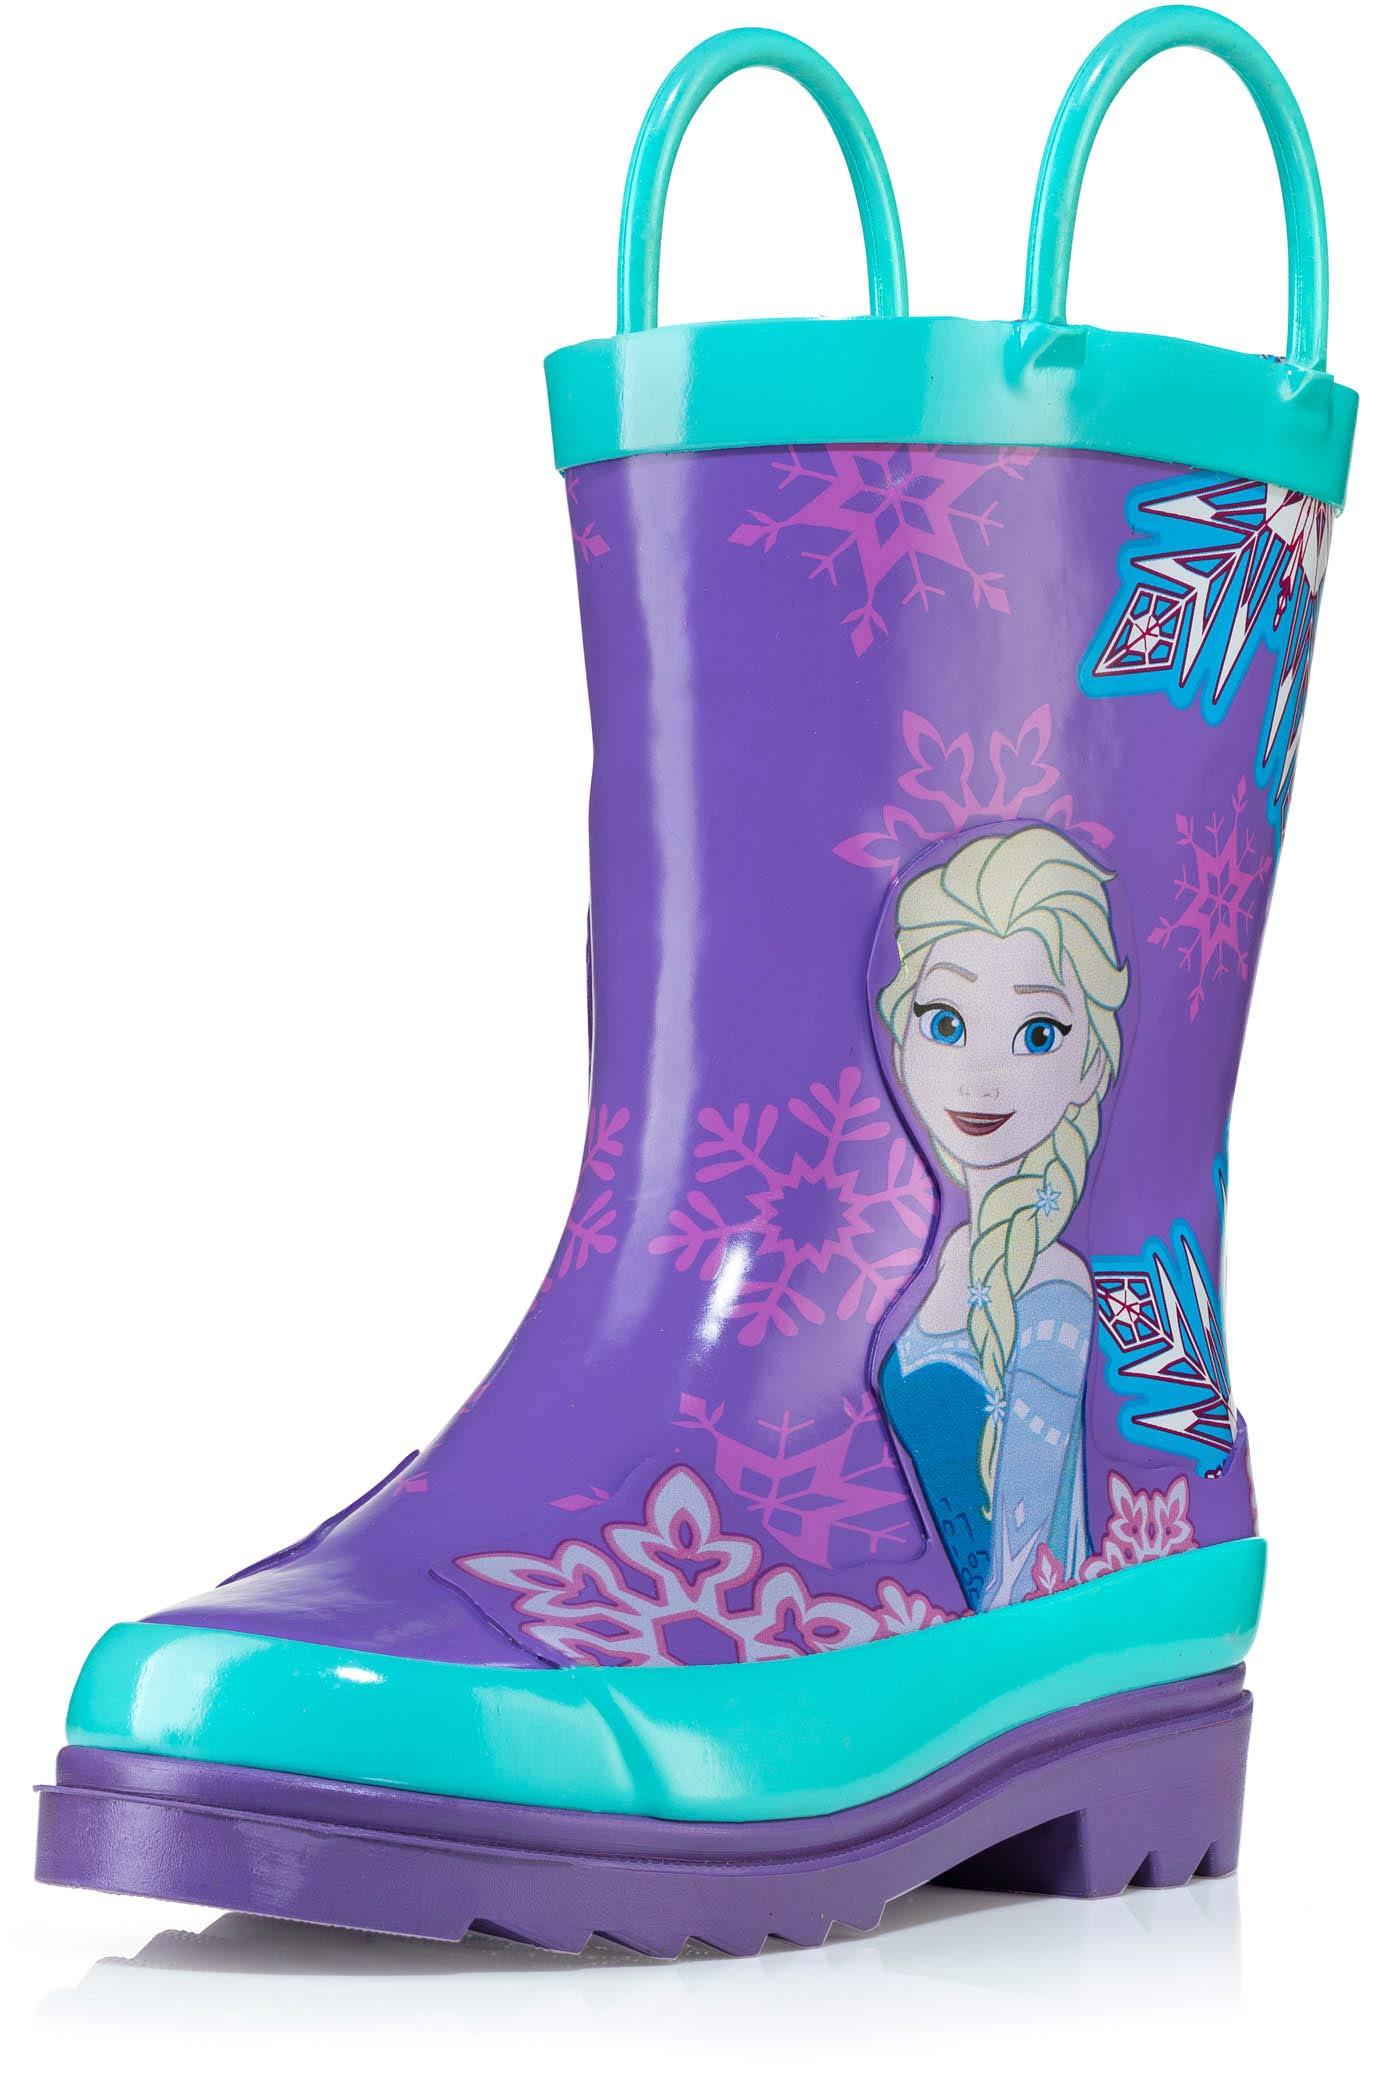 Disney Frozen Girls Anna Boots